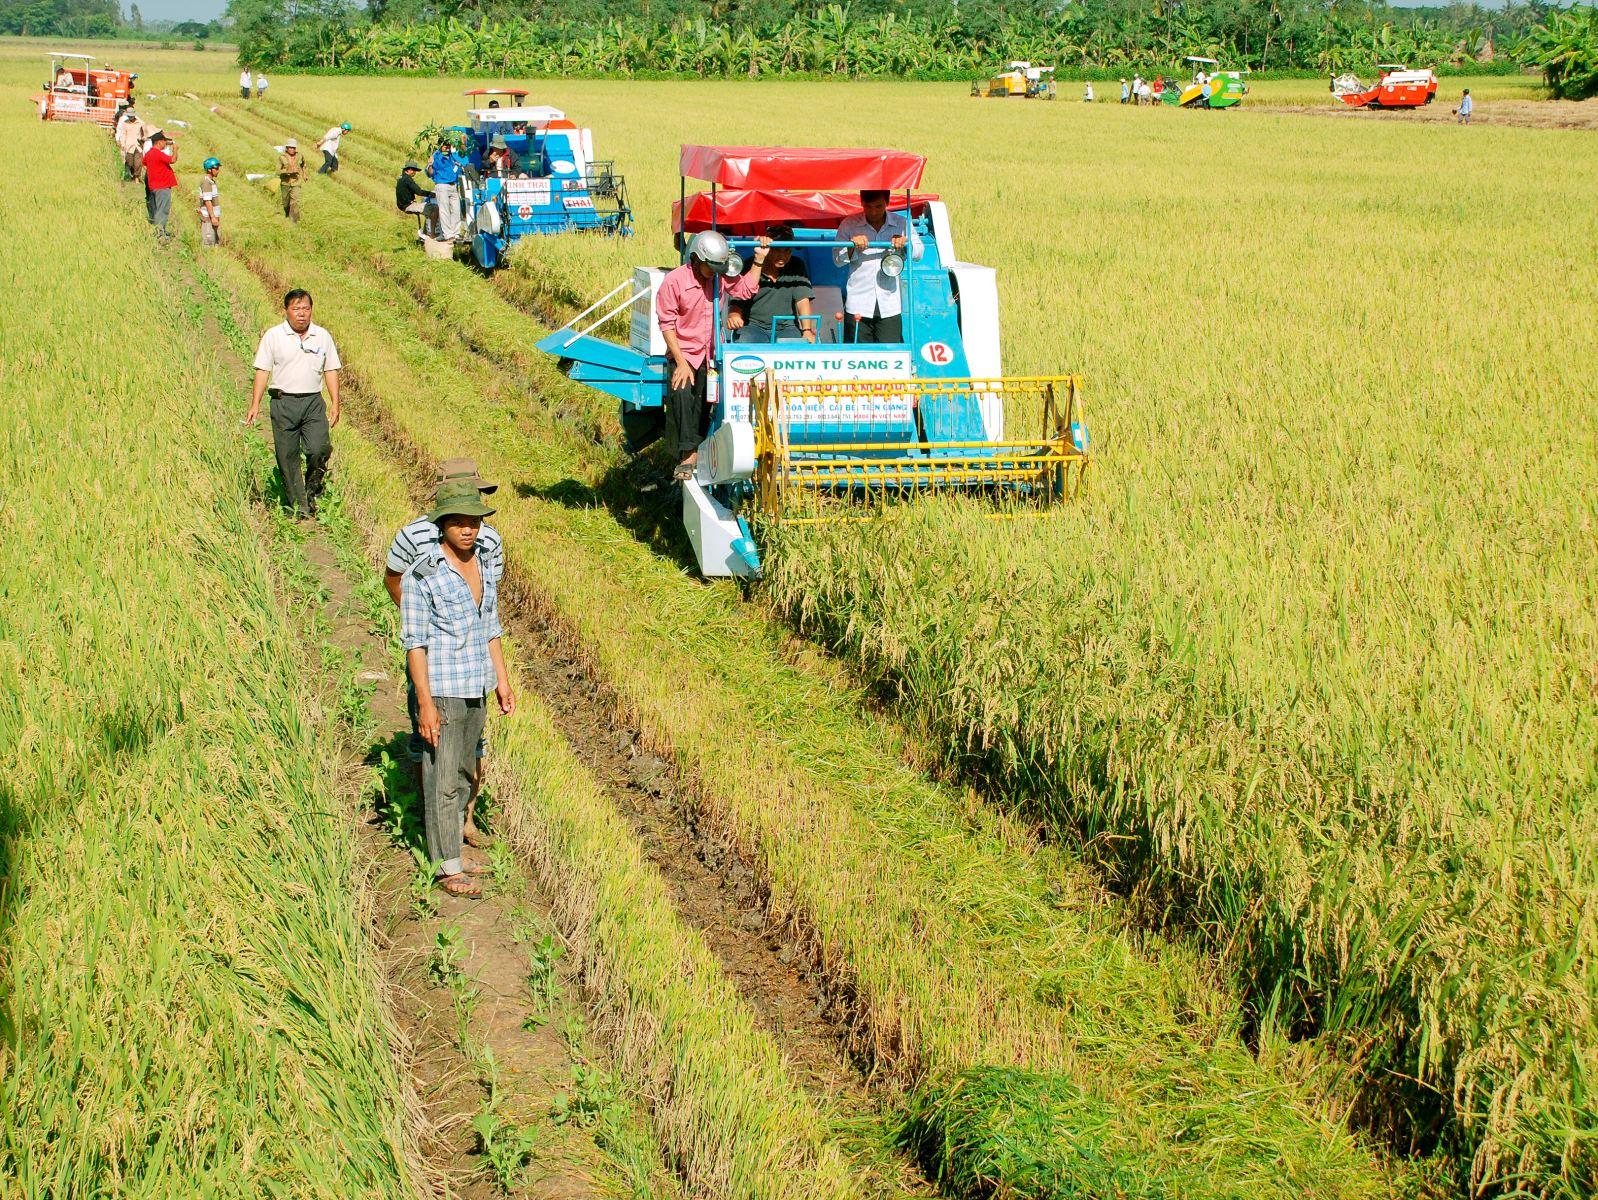 Áp dụng mô hình mới ứng dụng công nghệ trong sản xuất nông nghiệp thích ứng với biến đổi khí hậu (3/7/2019)